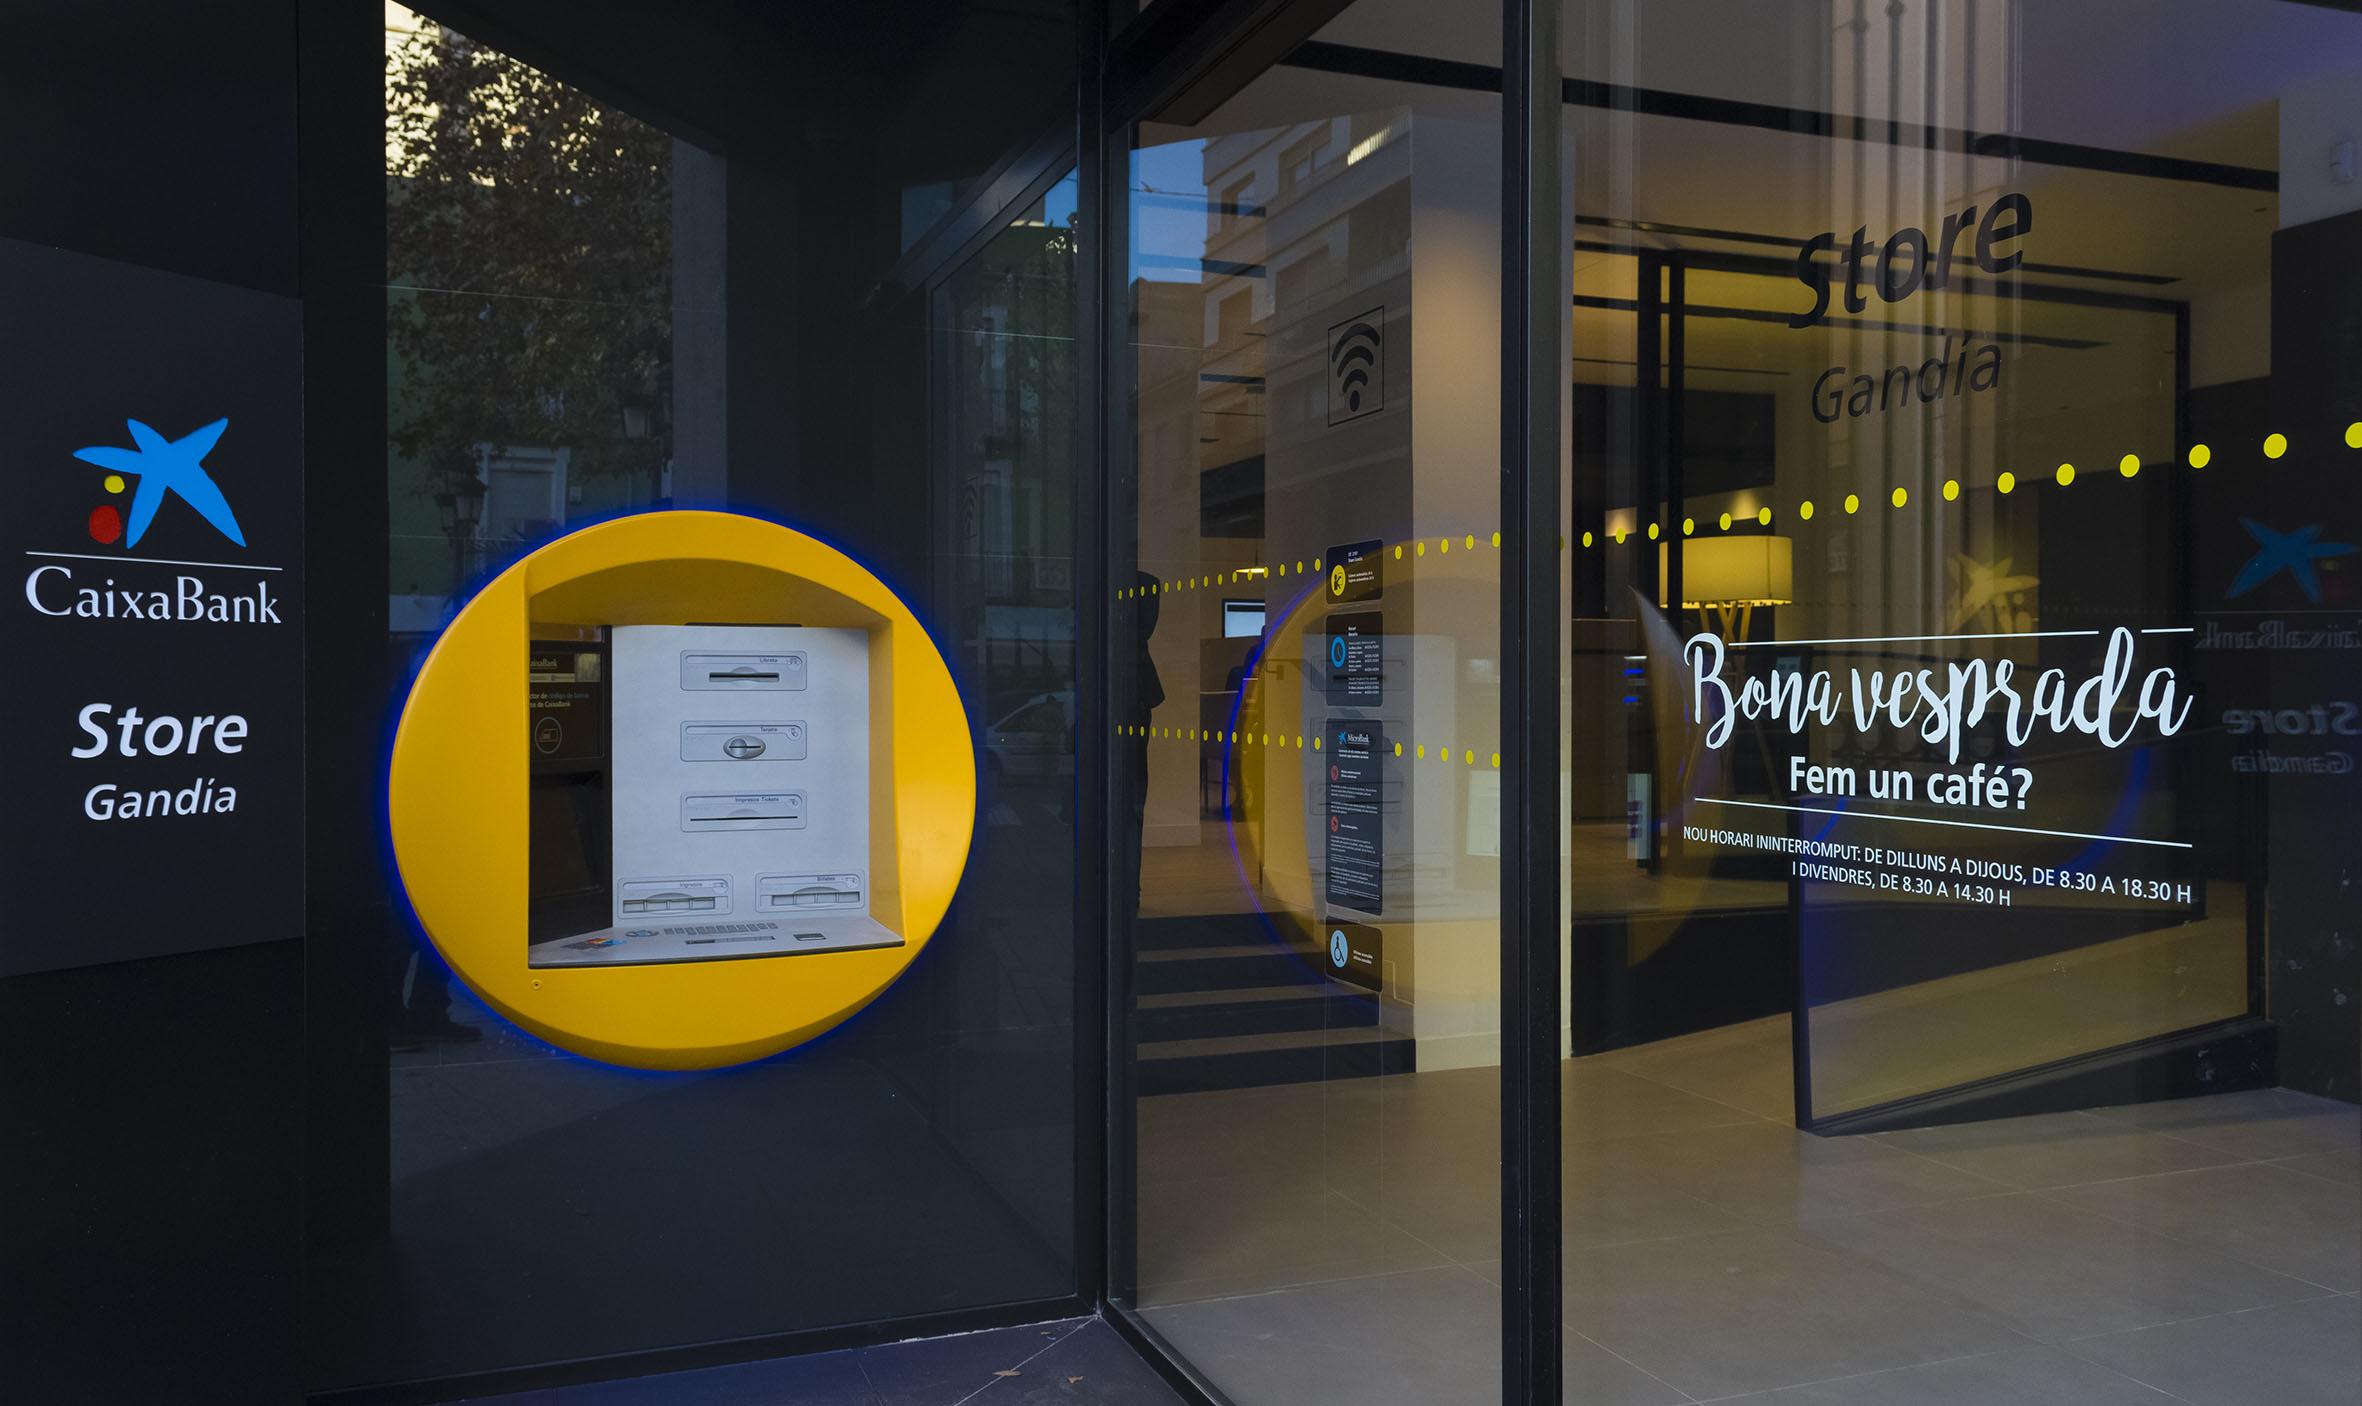 Caixabank estrena en gandia un nuevo concepto de oficina for Oficina 9880 la caixa